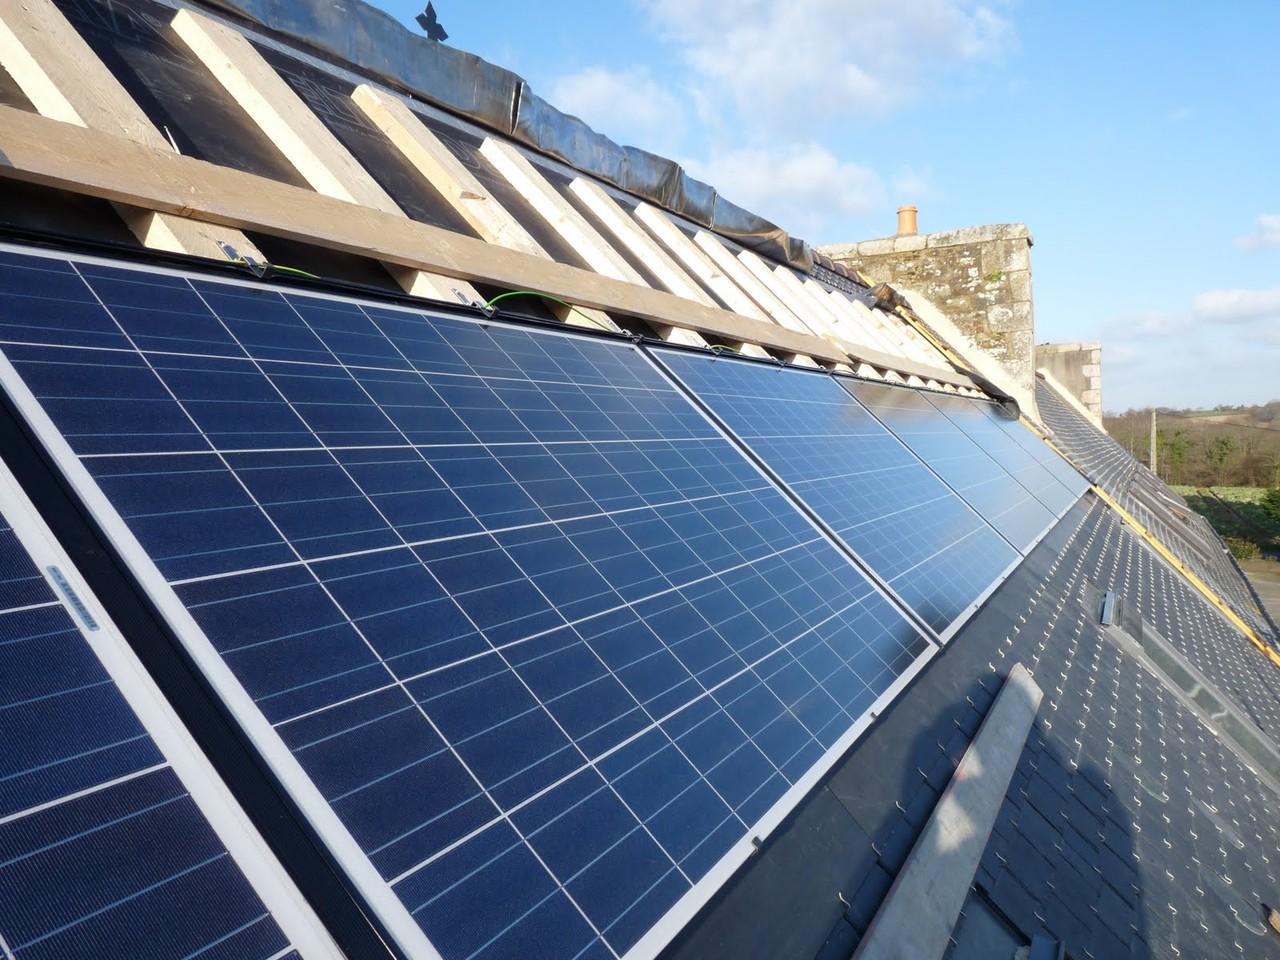 Pose des panneaux photovoltaïques ...